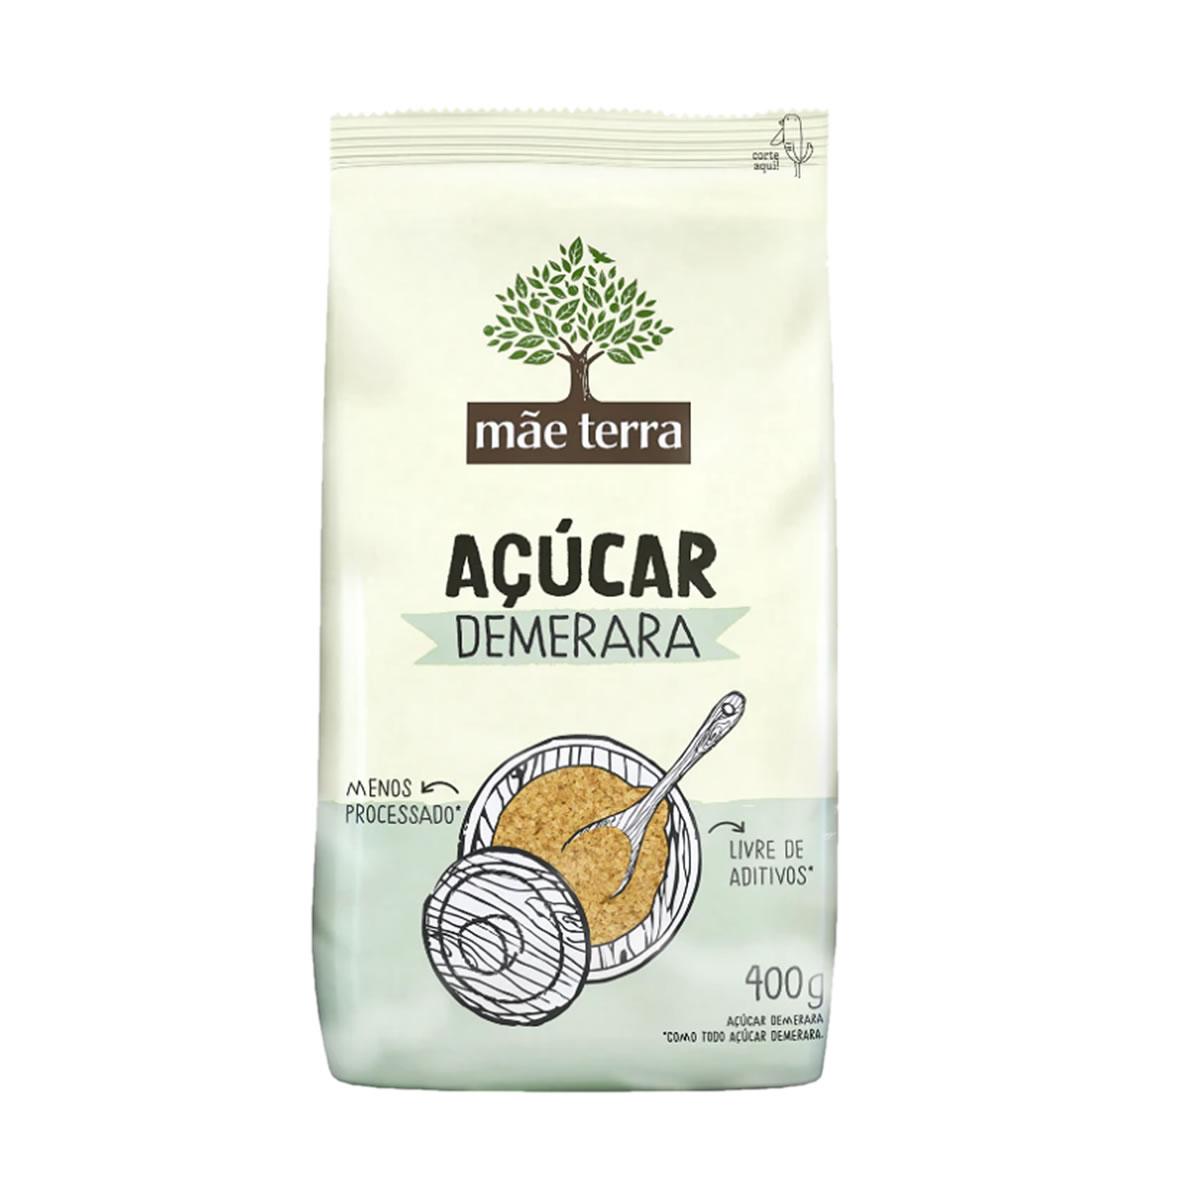 Açúcar Demerara 400g - Mãe Terra